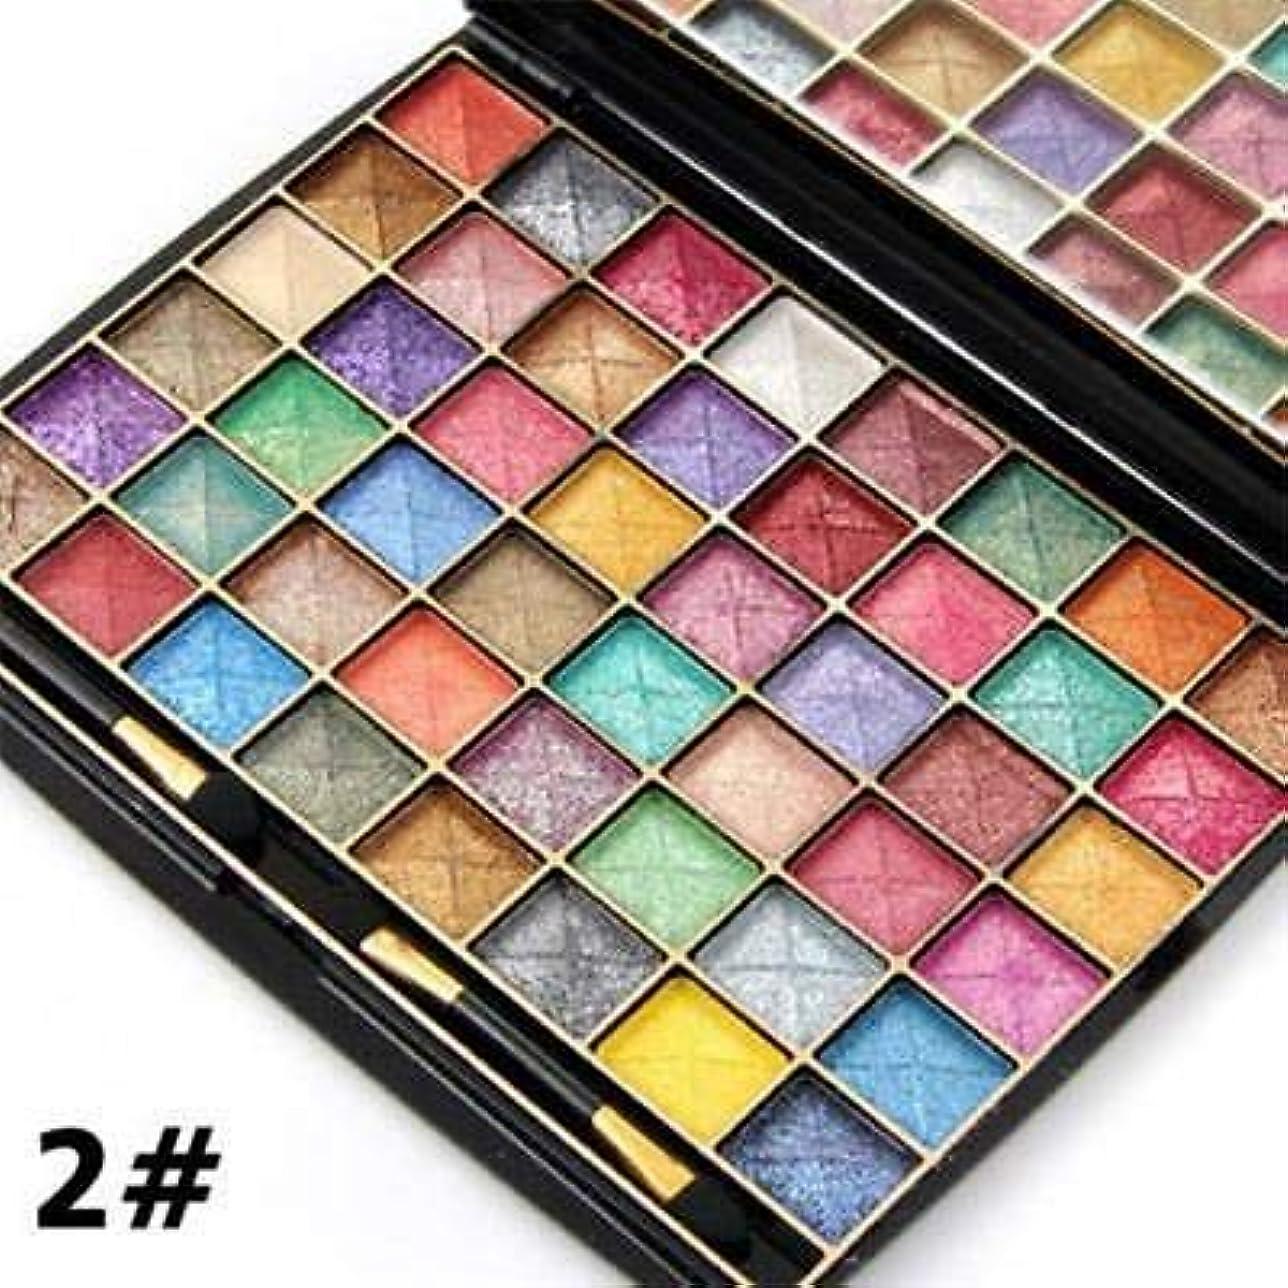 瞑想するジム石炭FidgetGear 3D 48色化粧品凸面パウダーパールウェットシマーアイシャドウパレット 2#